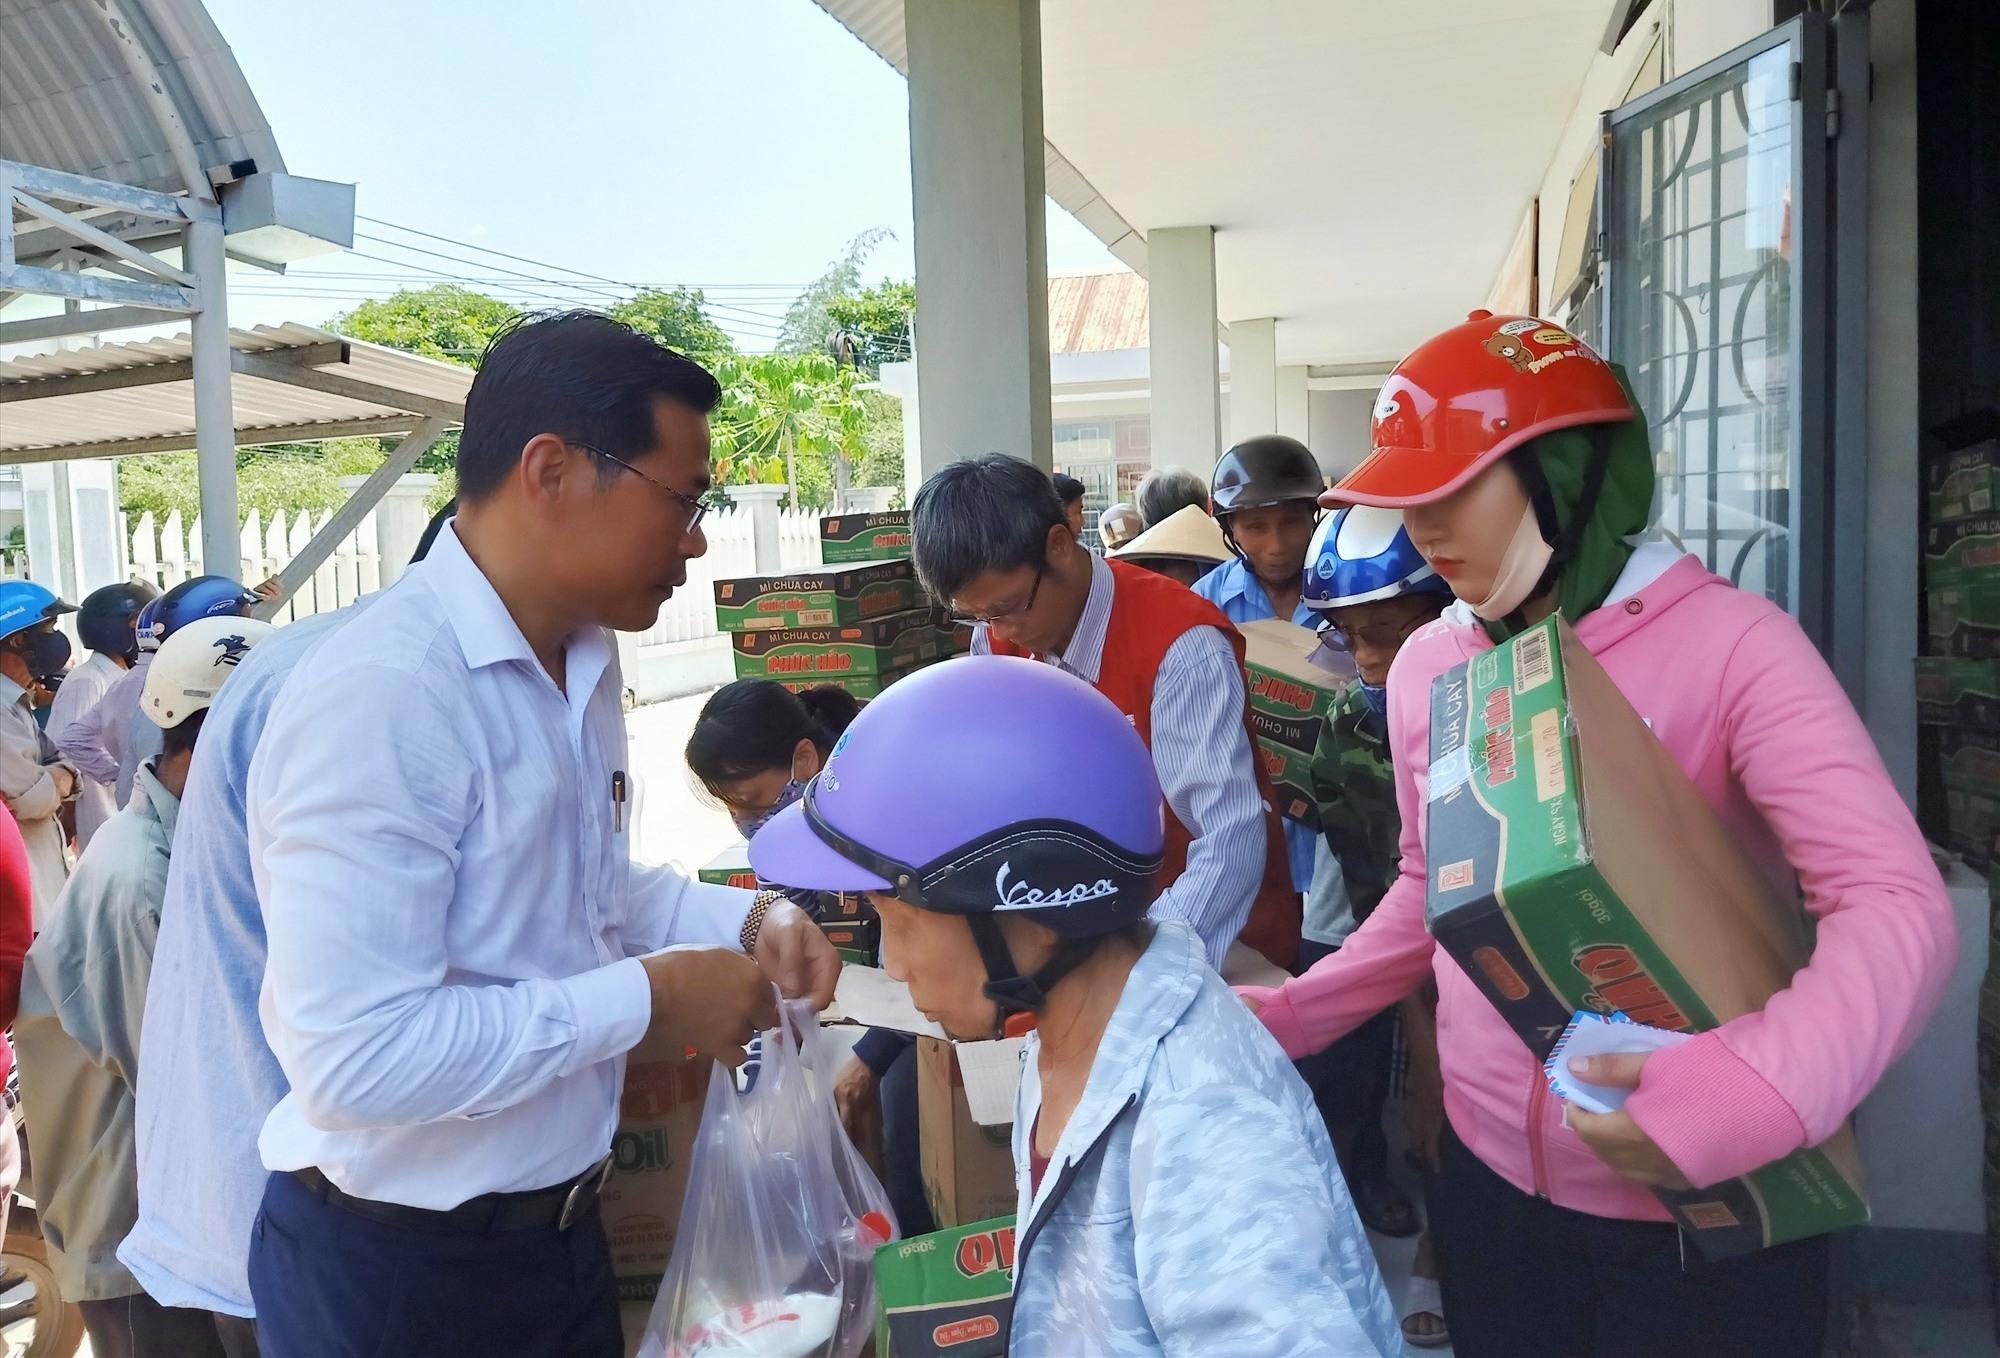 Đại diện doanh nghiệp TP. Hồ Chí Minh trao tặng quà cho bà con Nông Sơn. Ảnh: HOÀNG LIÊN